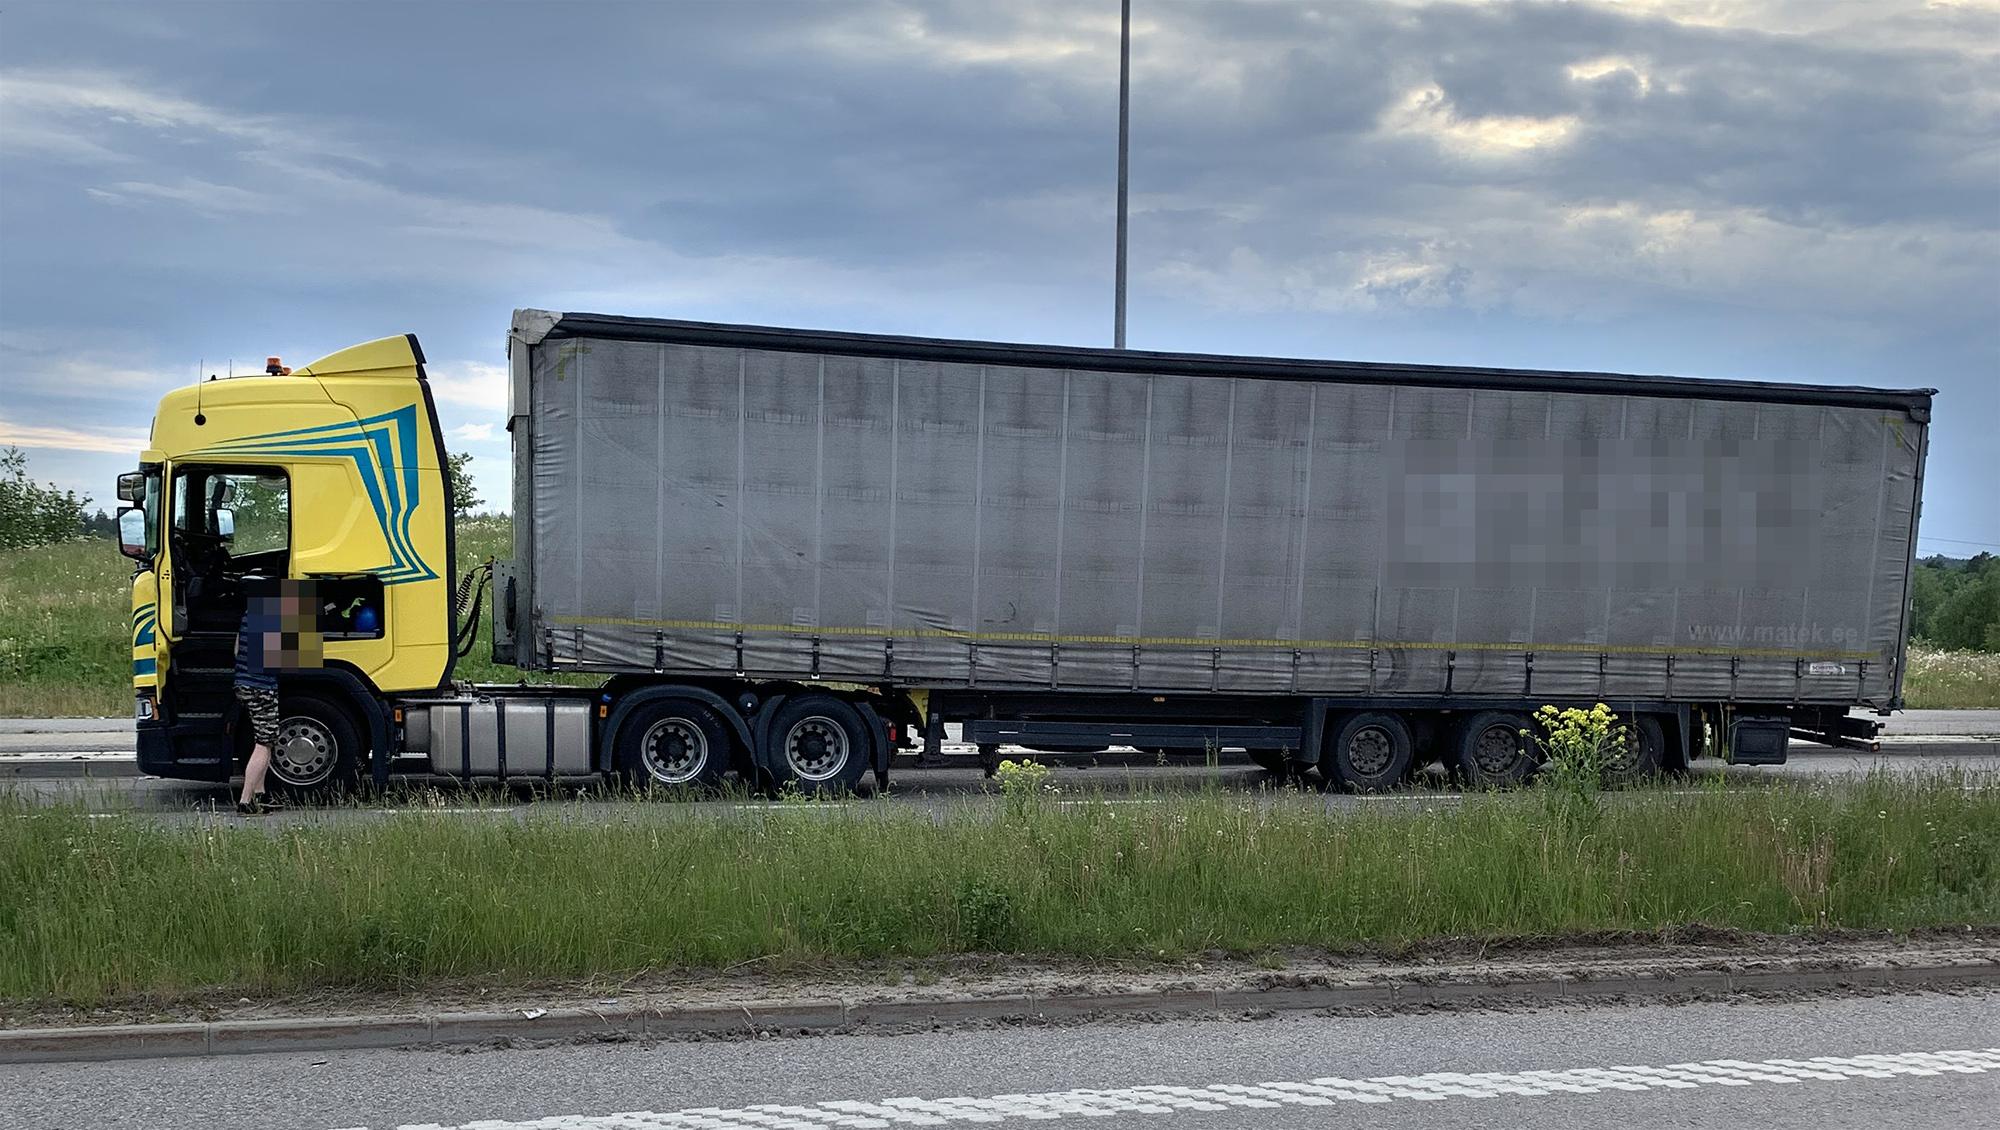 Det litauiska ekipaget lämnade över sin inkommande trailer med gods utan att först lossa det i sin helhet innan överlämnandet av trailern, något som är en förutsättning för att få utföra cabotagetransporter.